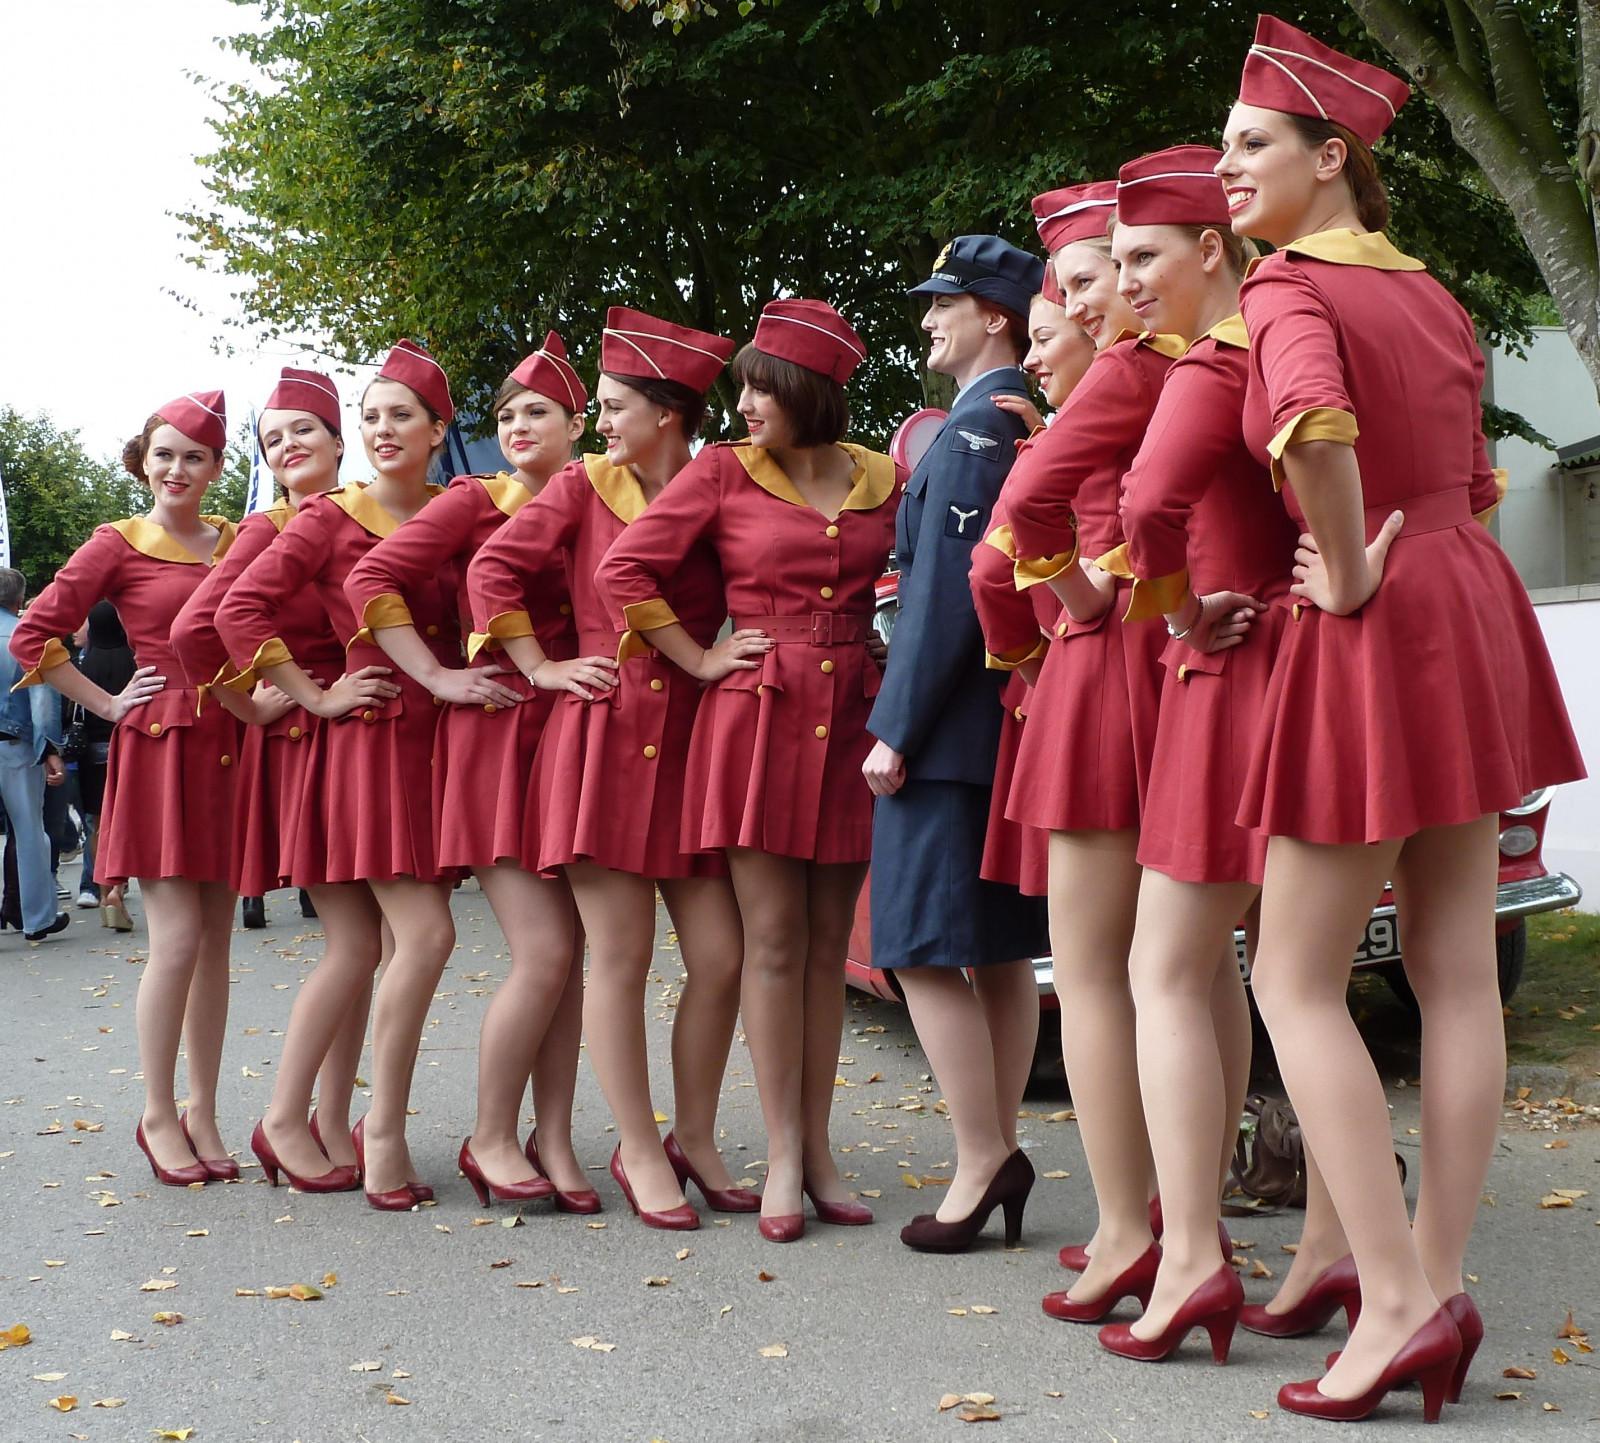 Wallpaper : Red, Legs, Dress, Pink, Uniform, 2010, Girl